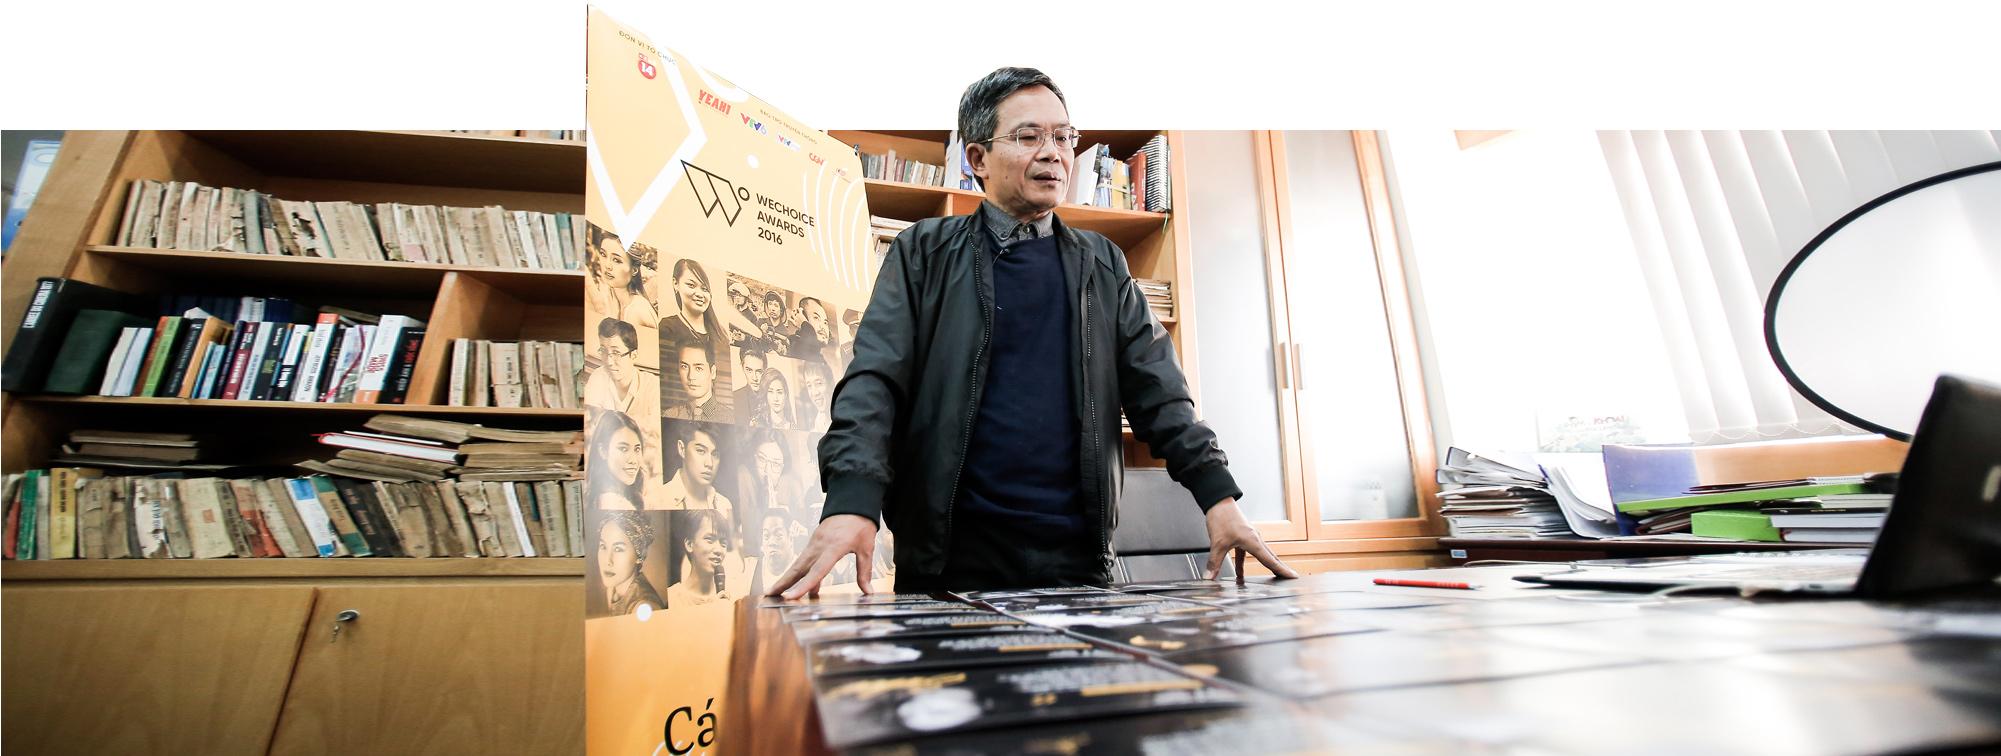 Nhà báo Trần Đăng Tuấn: Khi bữa cơm bắt đầu có thịt, có cháu tăng tới 4kg, có cháu không mặc vừa quần áo nữa - Ảnh 7.